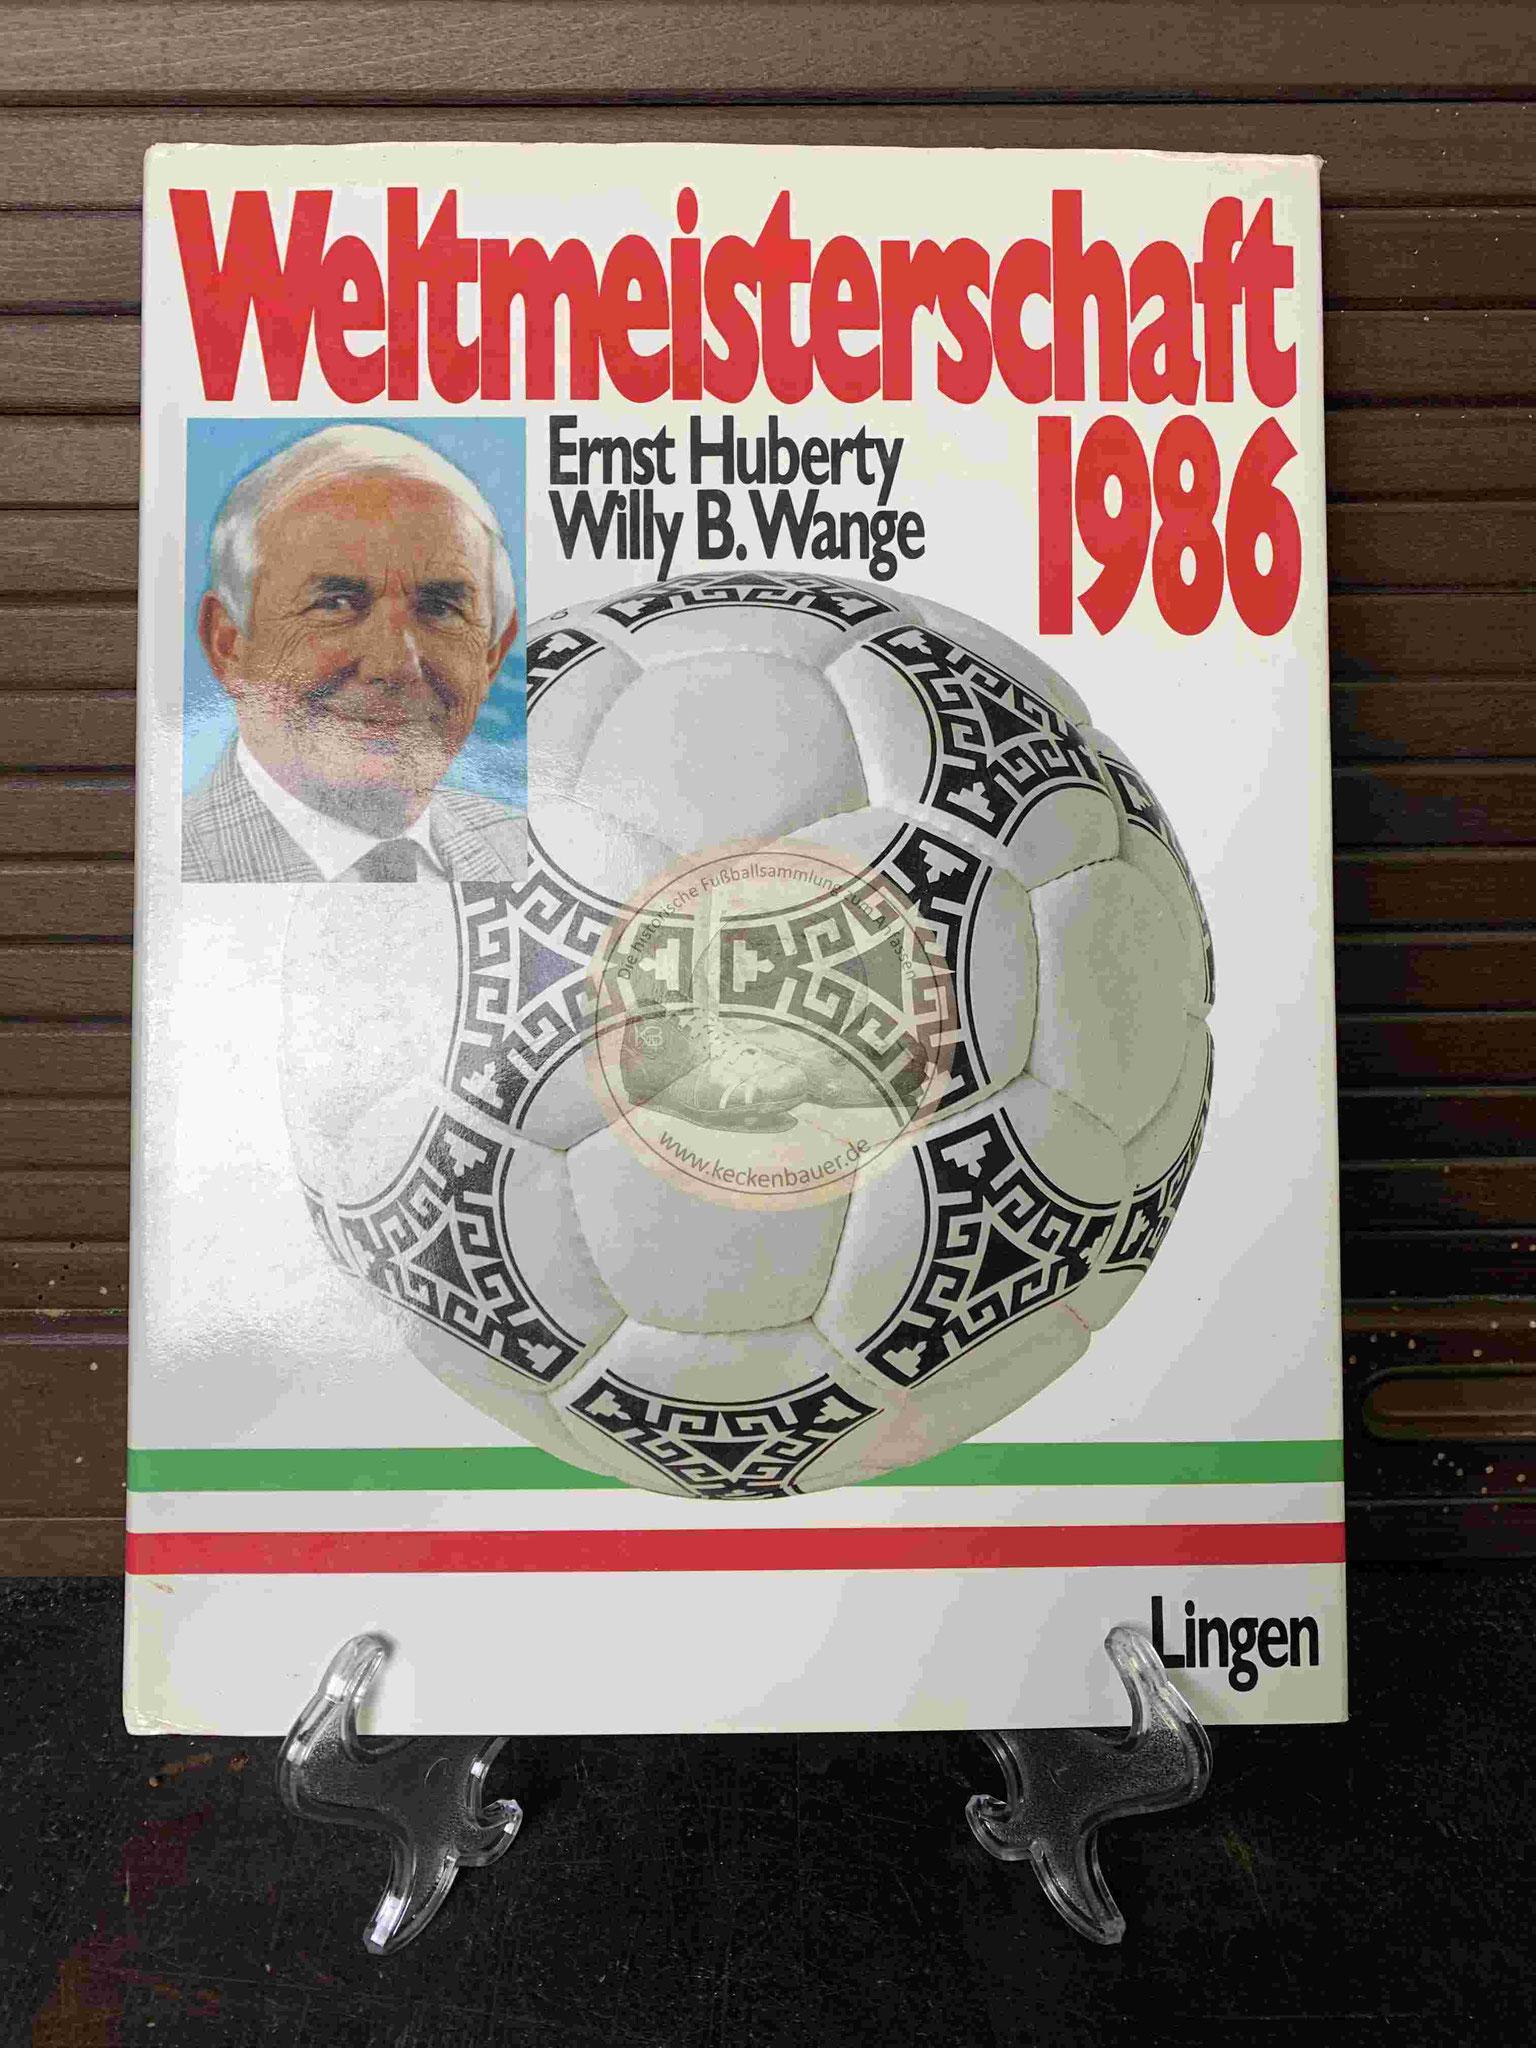 Weltmeisterschaft 1986 von Ernst Huberty Willy B. Wange